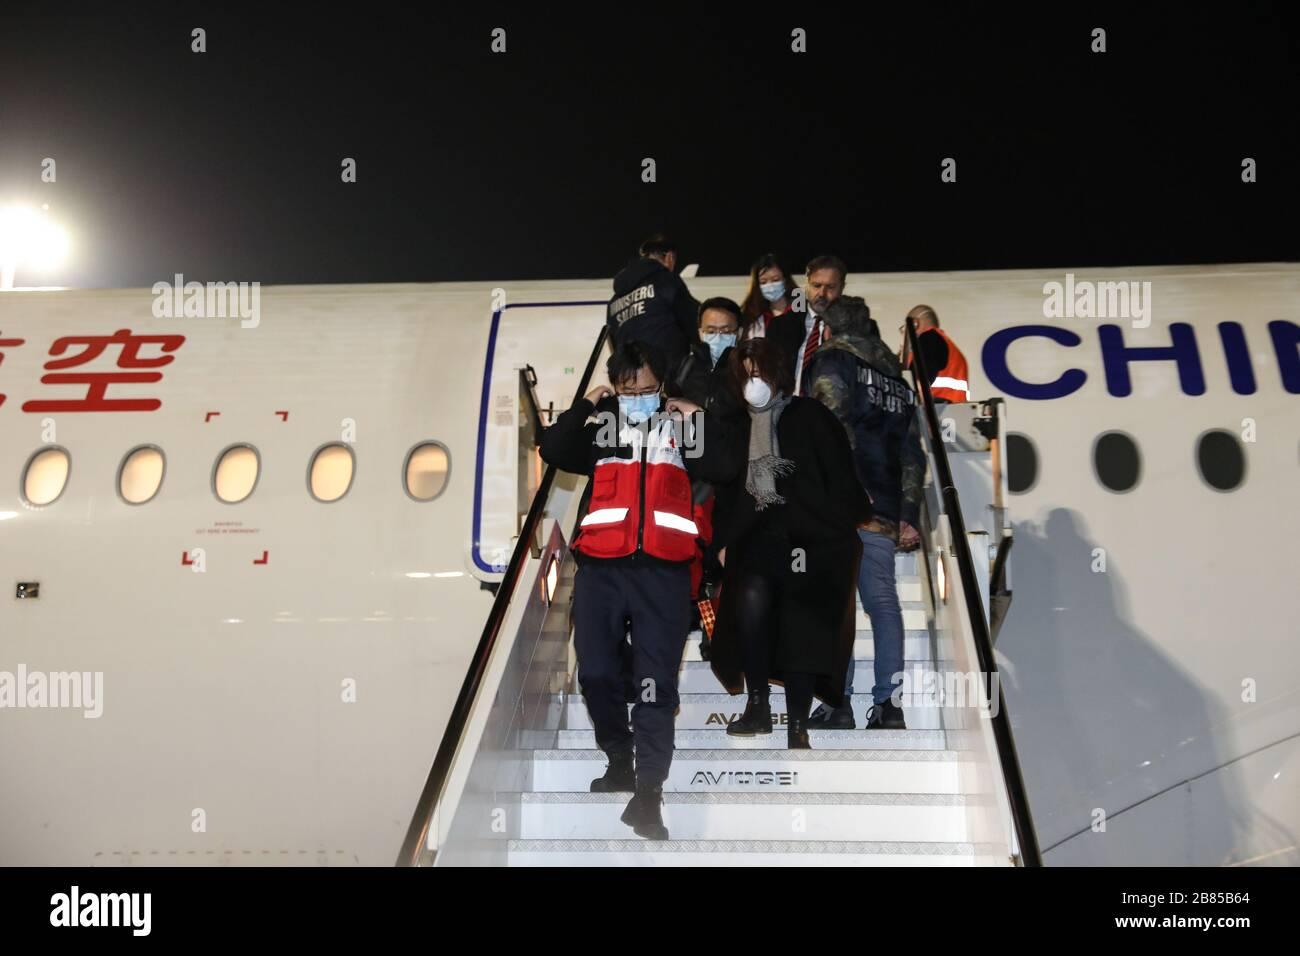 Pekín, Italia. 12 de marzo de 2020. Los miembros de un equipo de ayuda chino llegan al aeropuerto de Fiumicino en Roma, Italia, el 12 de marzo de 2020. Crédito: Cheng Tingting/Xinhua/Alamy Live News Foto de stock